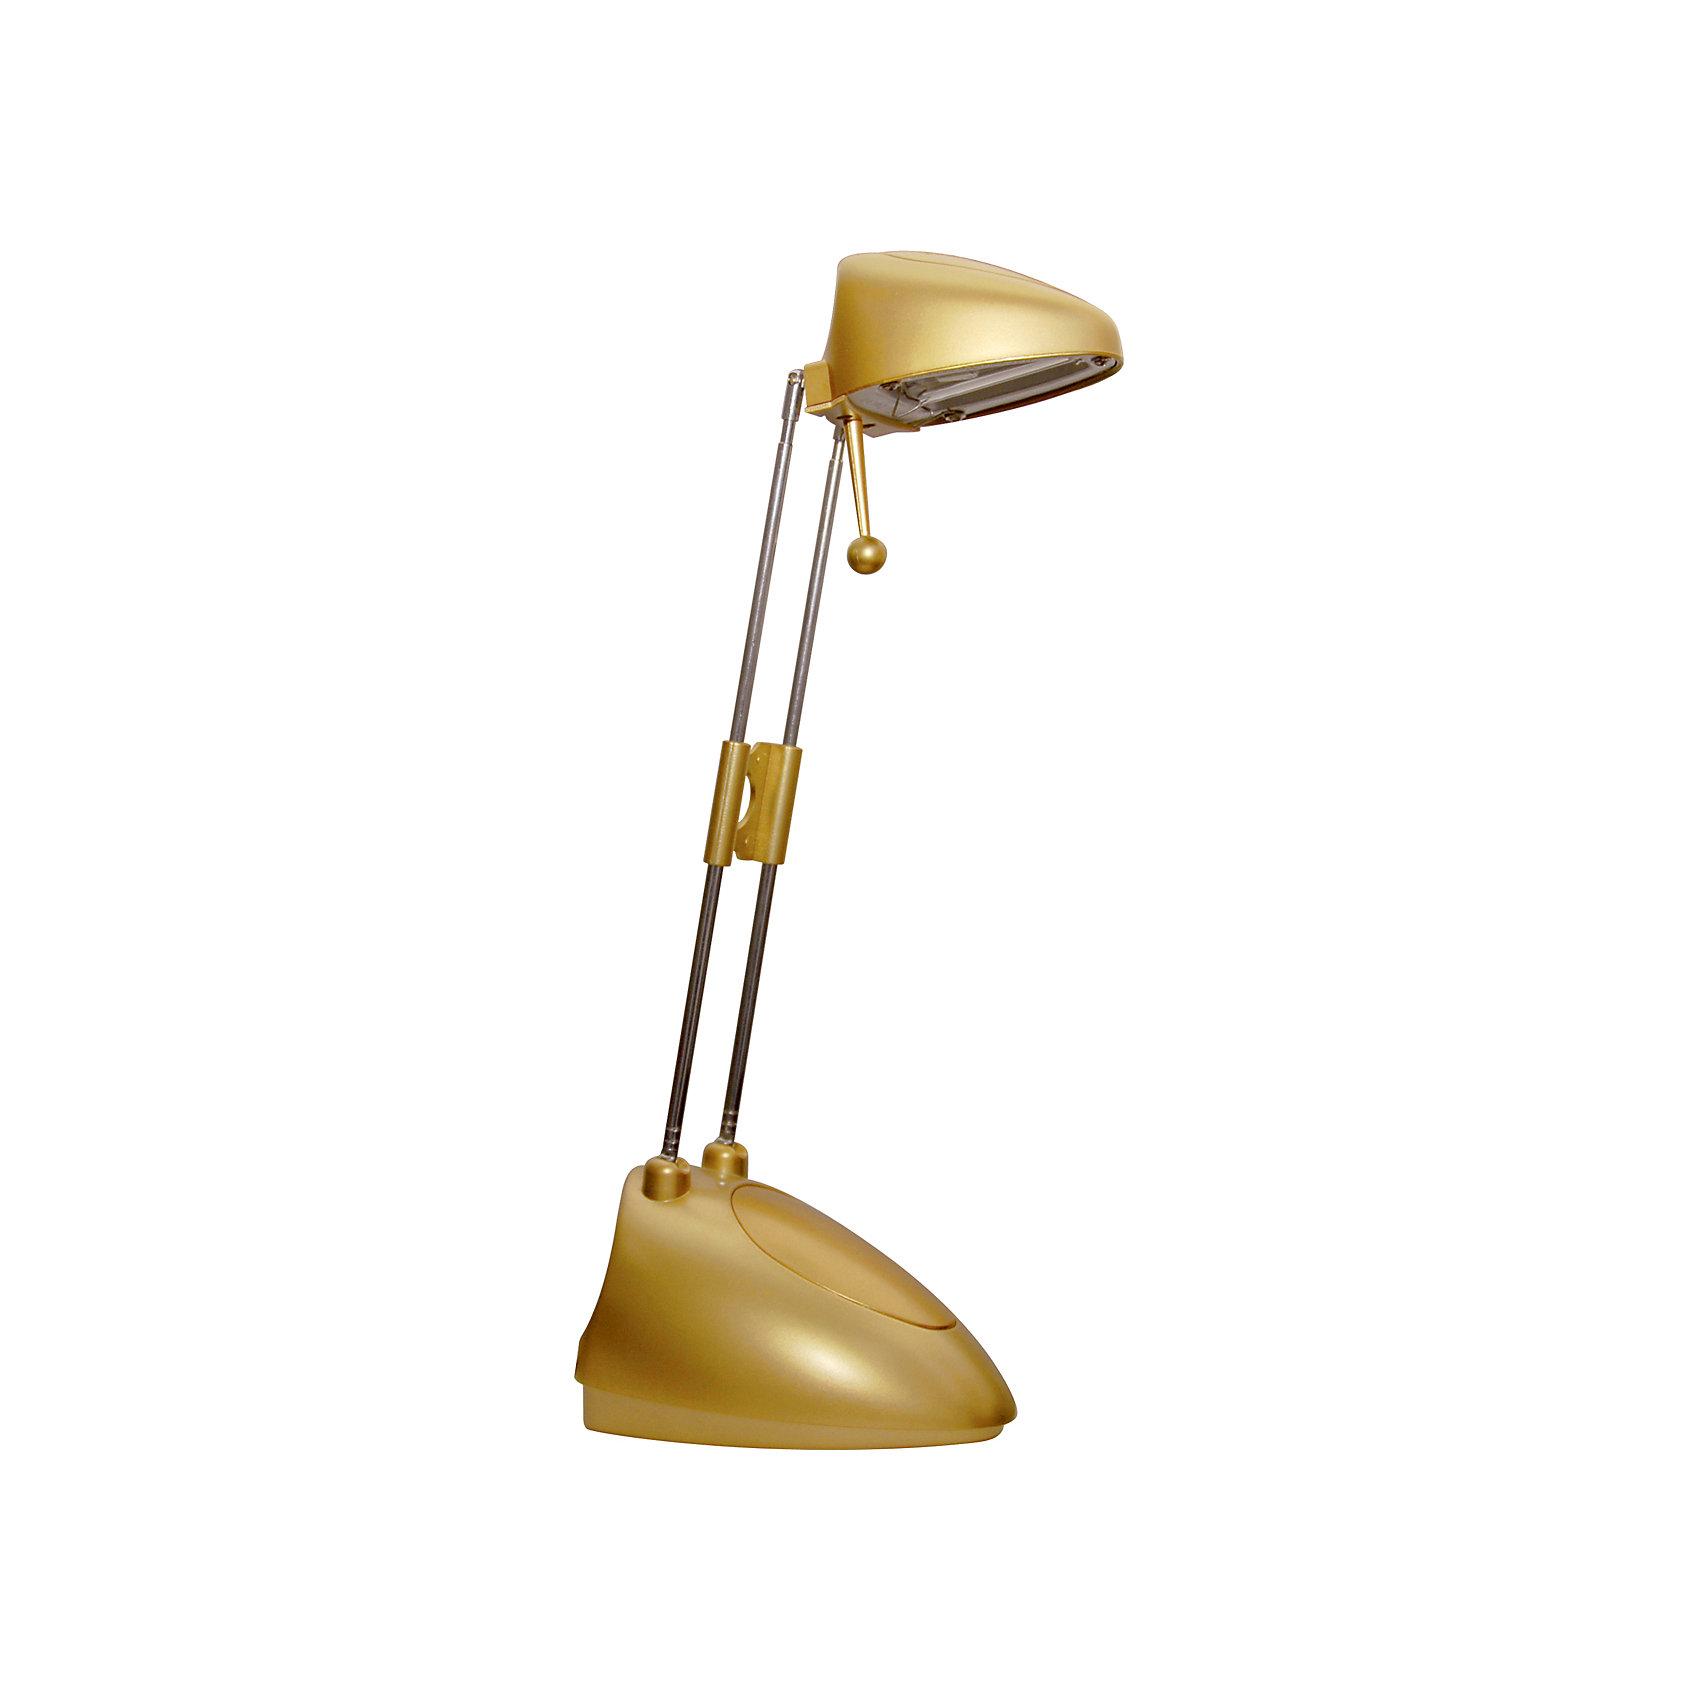 Золотой светильник, 15 ВтЛампы, ночники, фонарики<br>Золотой светильник, 15 Вт – светильник с галогеновой лампой обеспечит яркий световой поток, прекрасно подойдет для освещения рабочего стола.<br>Светильник с галогенной лампой выполнен из термостойких материалов и характеризуется повышенной энергоэкономичностью. Он предназначен для освещения рабочего пространства на письменном столе, создания комфортных условий на рабочем месте. Легкая подвижная конструкция обеспечивает создание светового и теплового комфорта. Конструктивная особенность — раздвижная стойка и ручка поворота позволяют установить светильник в удобное положение для оптимального освещения рабочей поверхности.<br><br>Дополнительная информация:<br><br>- Материал: металл<br>- Цвет: золото<br>- Источник света: ГЛН GY6.35<br>- Мощность лампы: 35 Вт<br>- Напряжение: 220В<br>- Напряжение в светильнике: 12В<br>- Размер светильника: 14,5 х 9,8 х 50 см.<br>- Размер упаковки: 11,5 х 11 х 22 см.<br>- Вес: 680 гр.<br>- ВНИМАНИЕ! Нельзя касаться руками и металлическими предметами колбы галогенной лампы<br><br>Золотой светильник, 15 Вт можно купить в нашем интернет-магазине.<br><br>Ширина мм: 115<br>Глубина мм: 220<br>Высота мм: 110<br>Вес г: 680<br>Возраст от месяцев: 36<br>Возраст до месяцев: 192<br>Пол: Унисекс<br>Возраст: Детский<br>SKU: 4641456